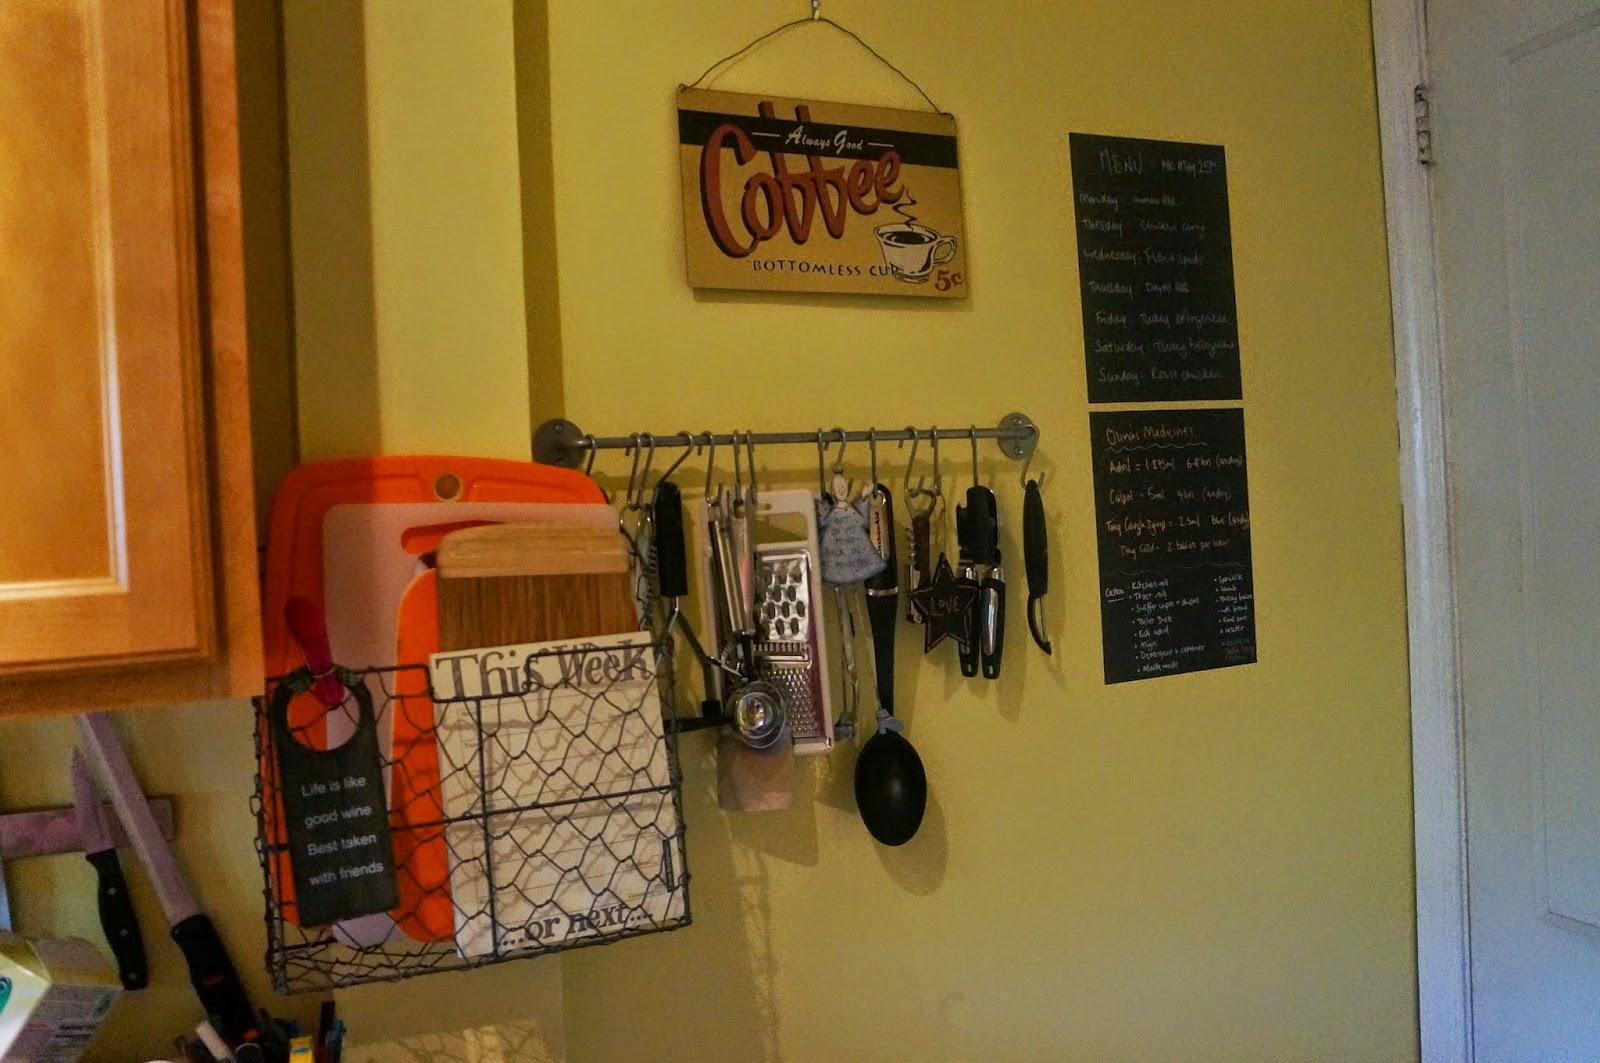 Weeirishlisa365: Kitchen Storage